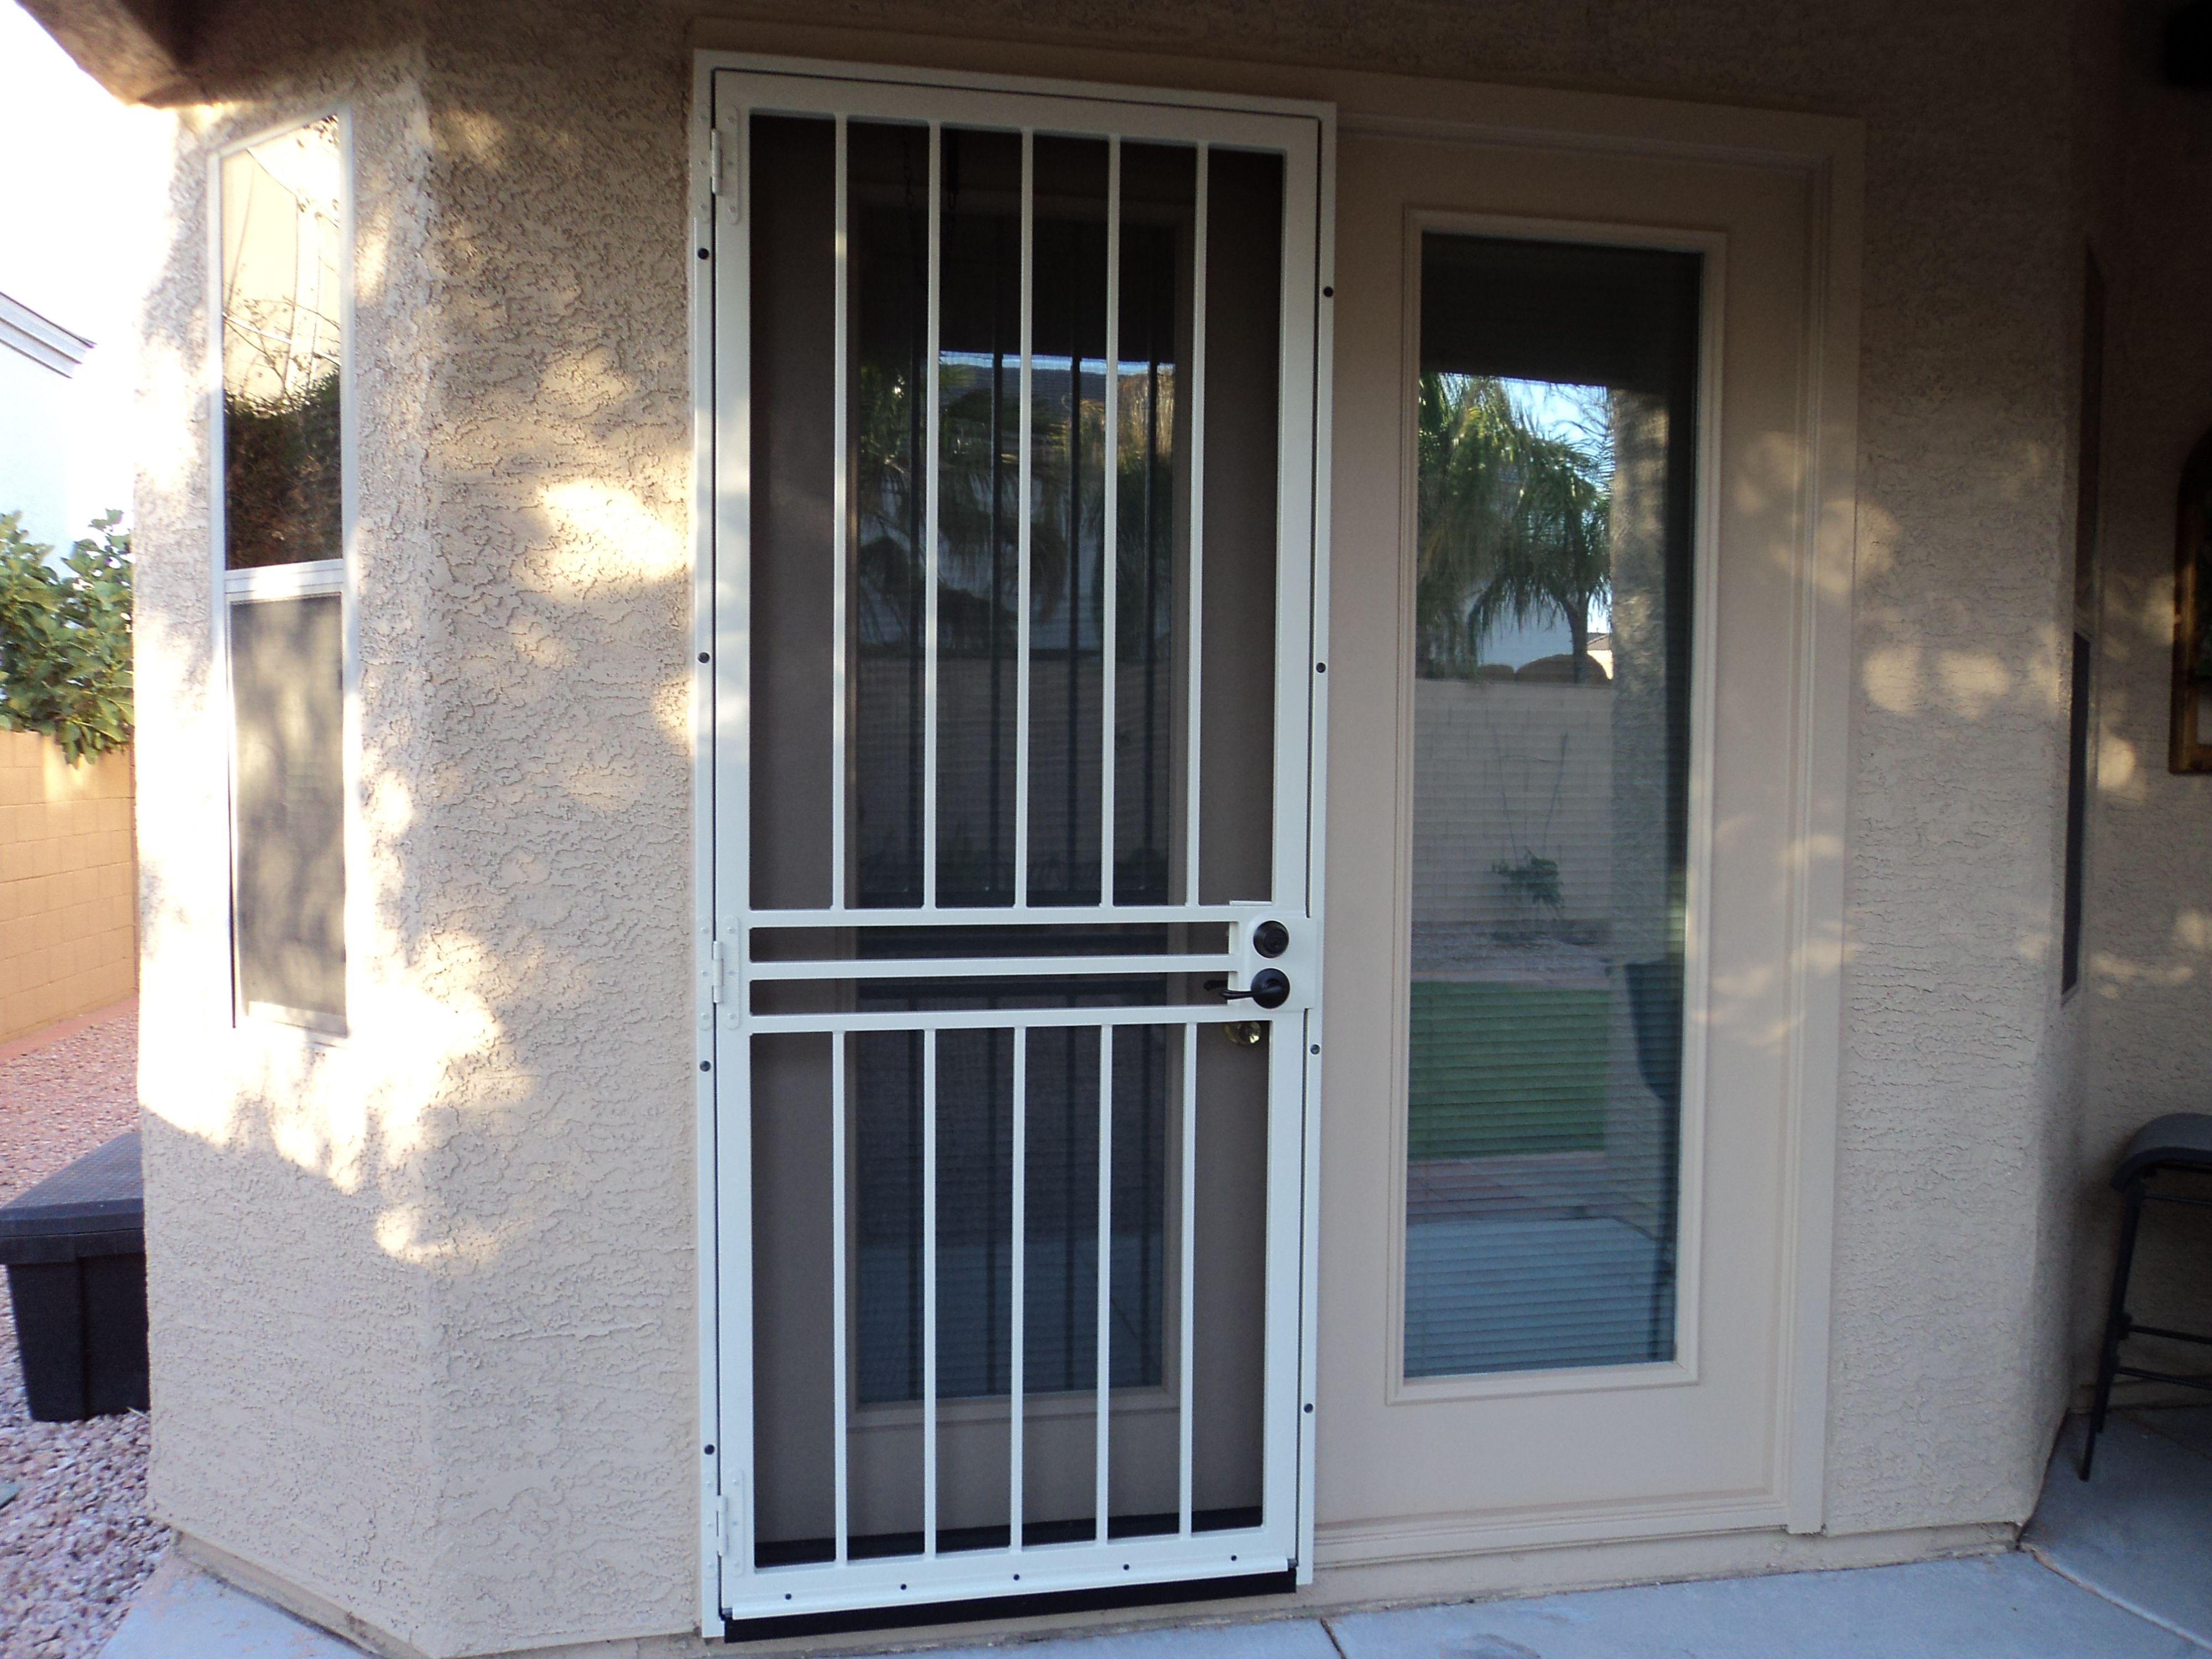 Security Storm Doors With Screens Within Size 4000 X 3000 Door